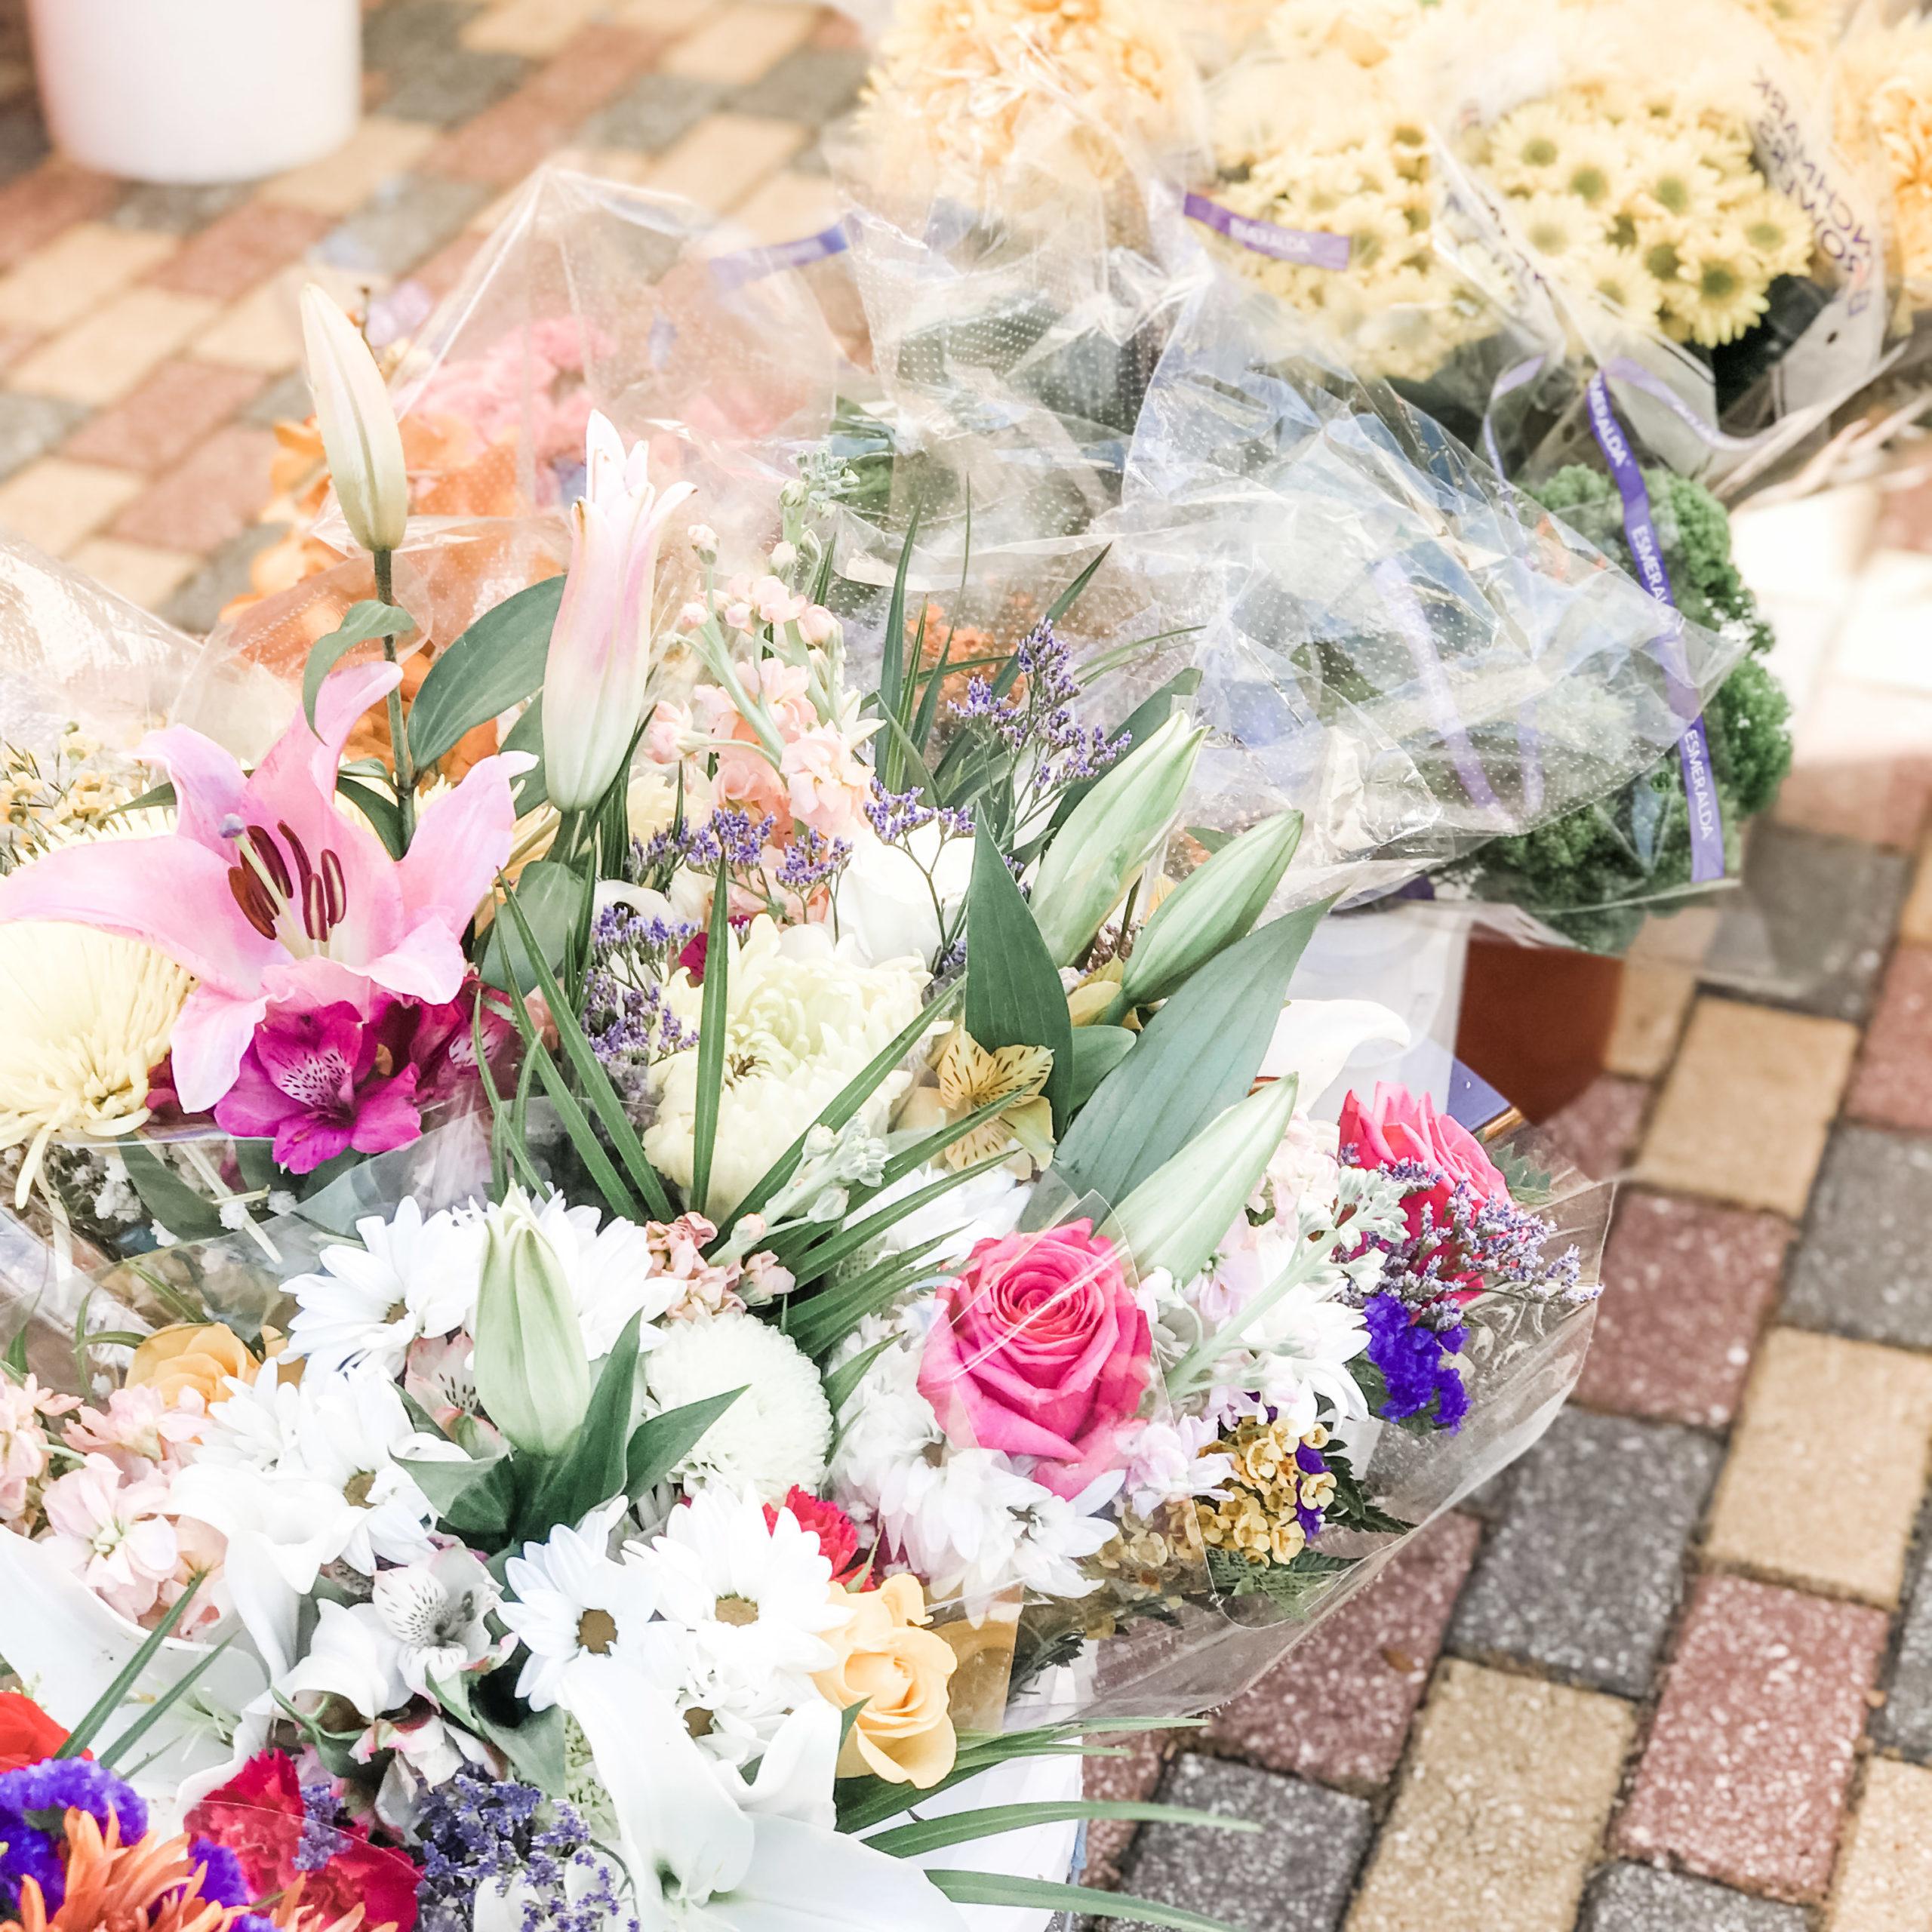 Flowers at Vanderbilt Market